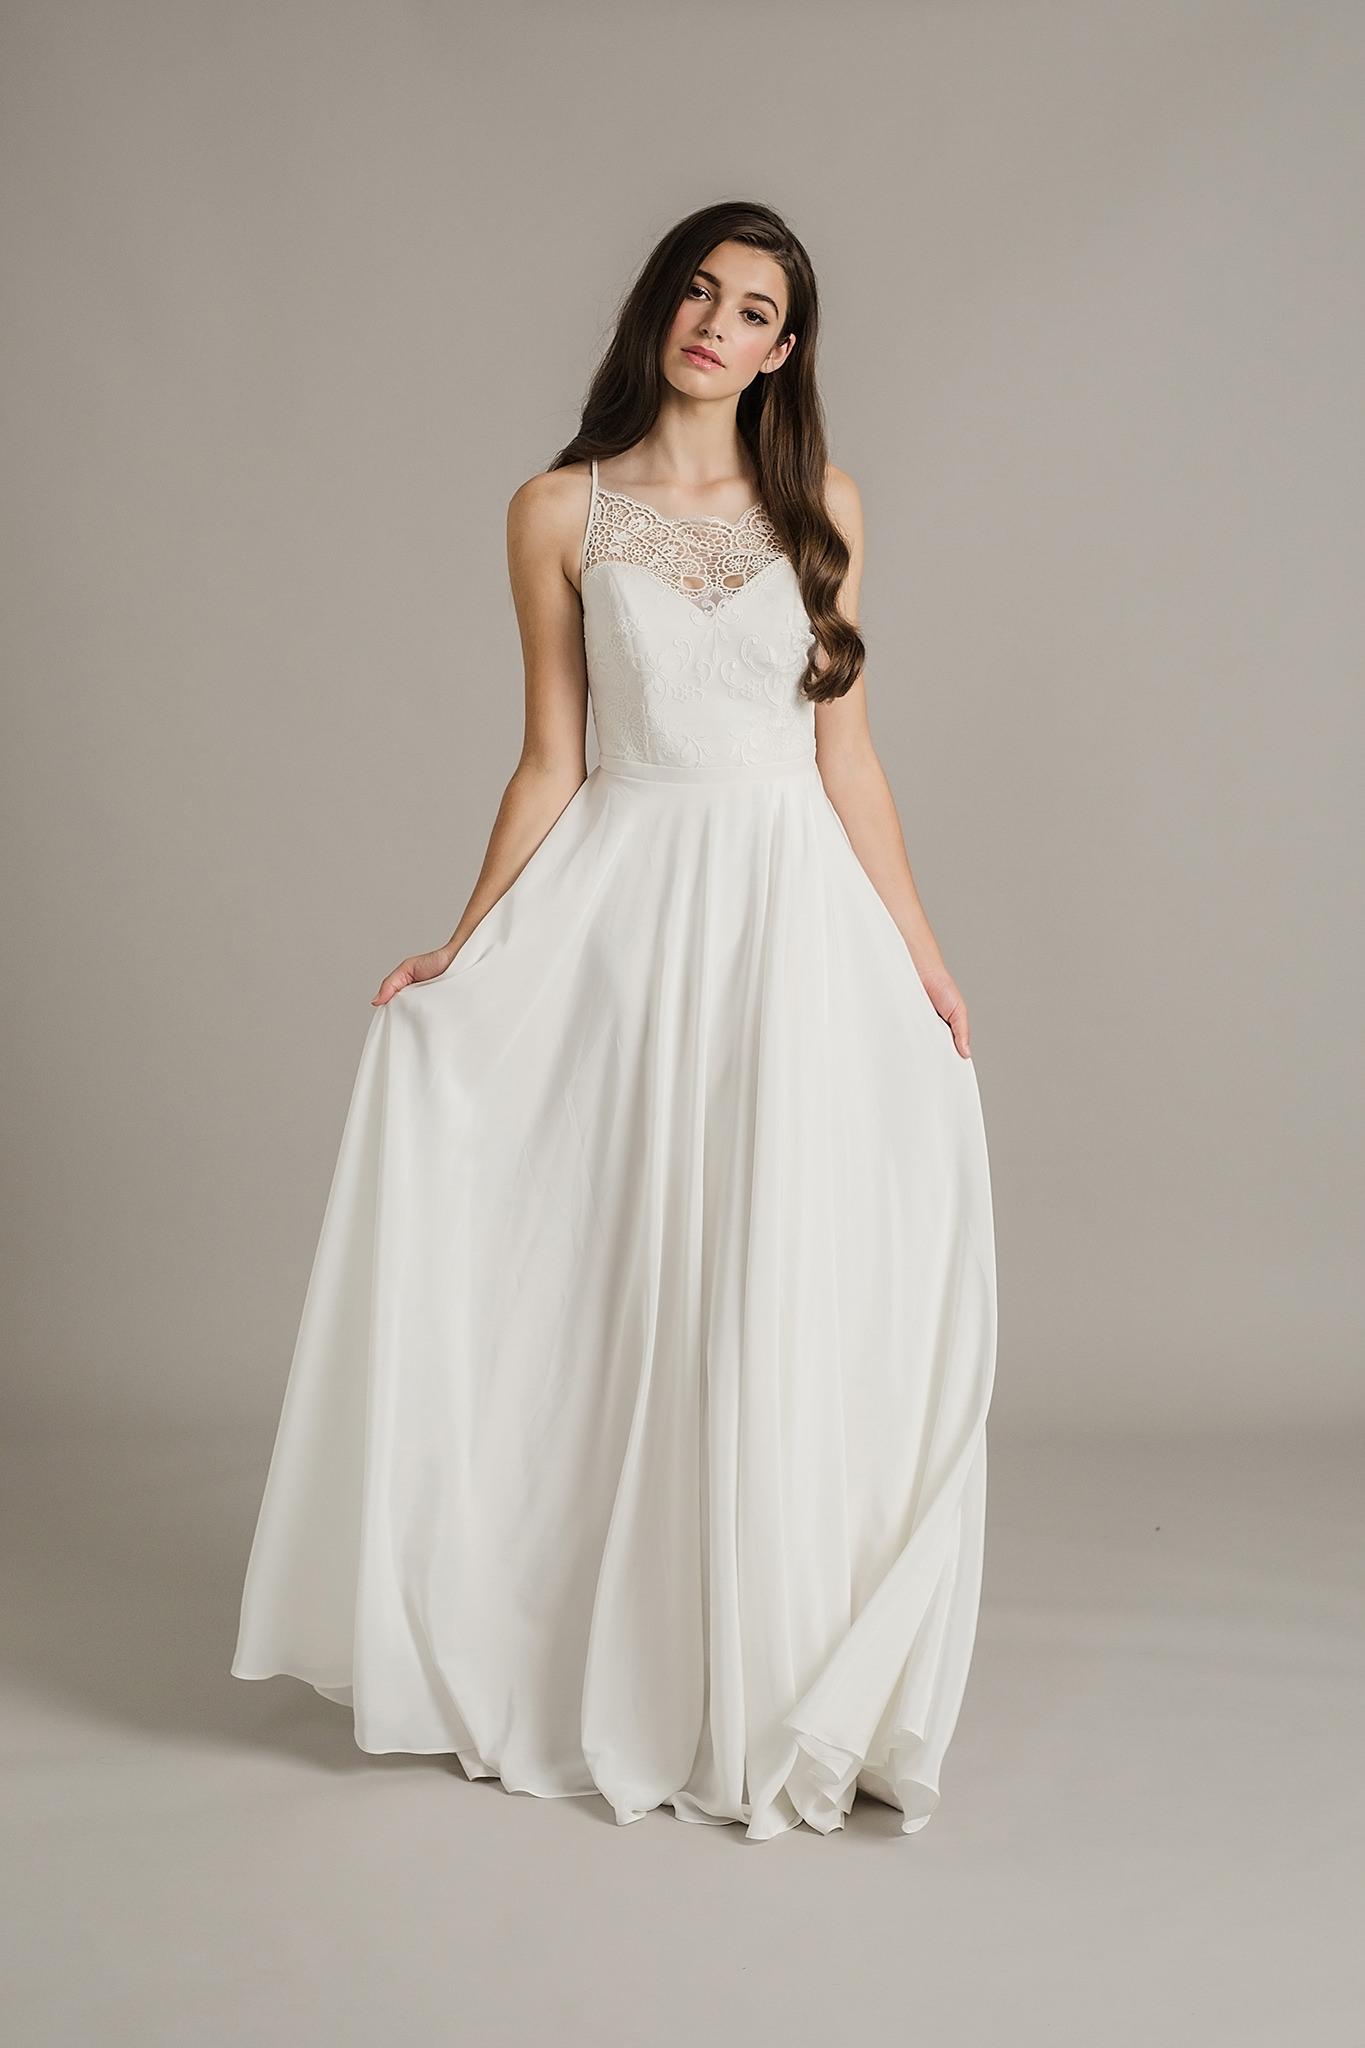 Elsie wedding dress by Sally Eagle